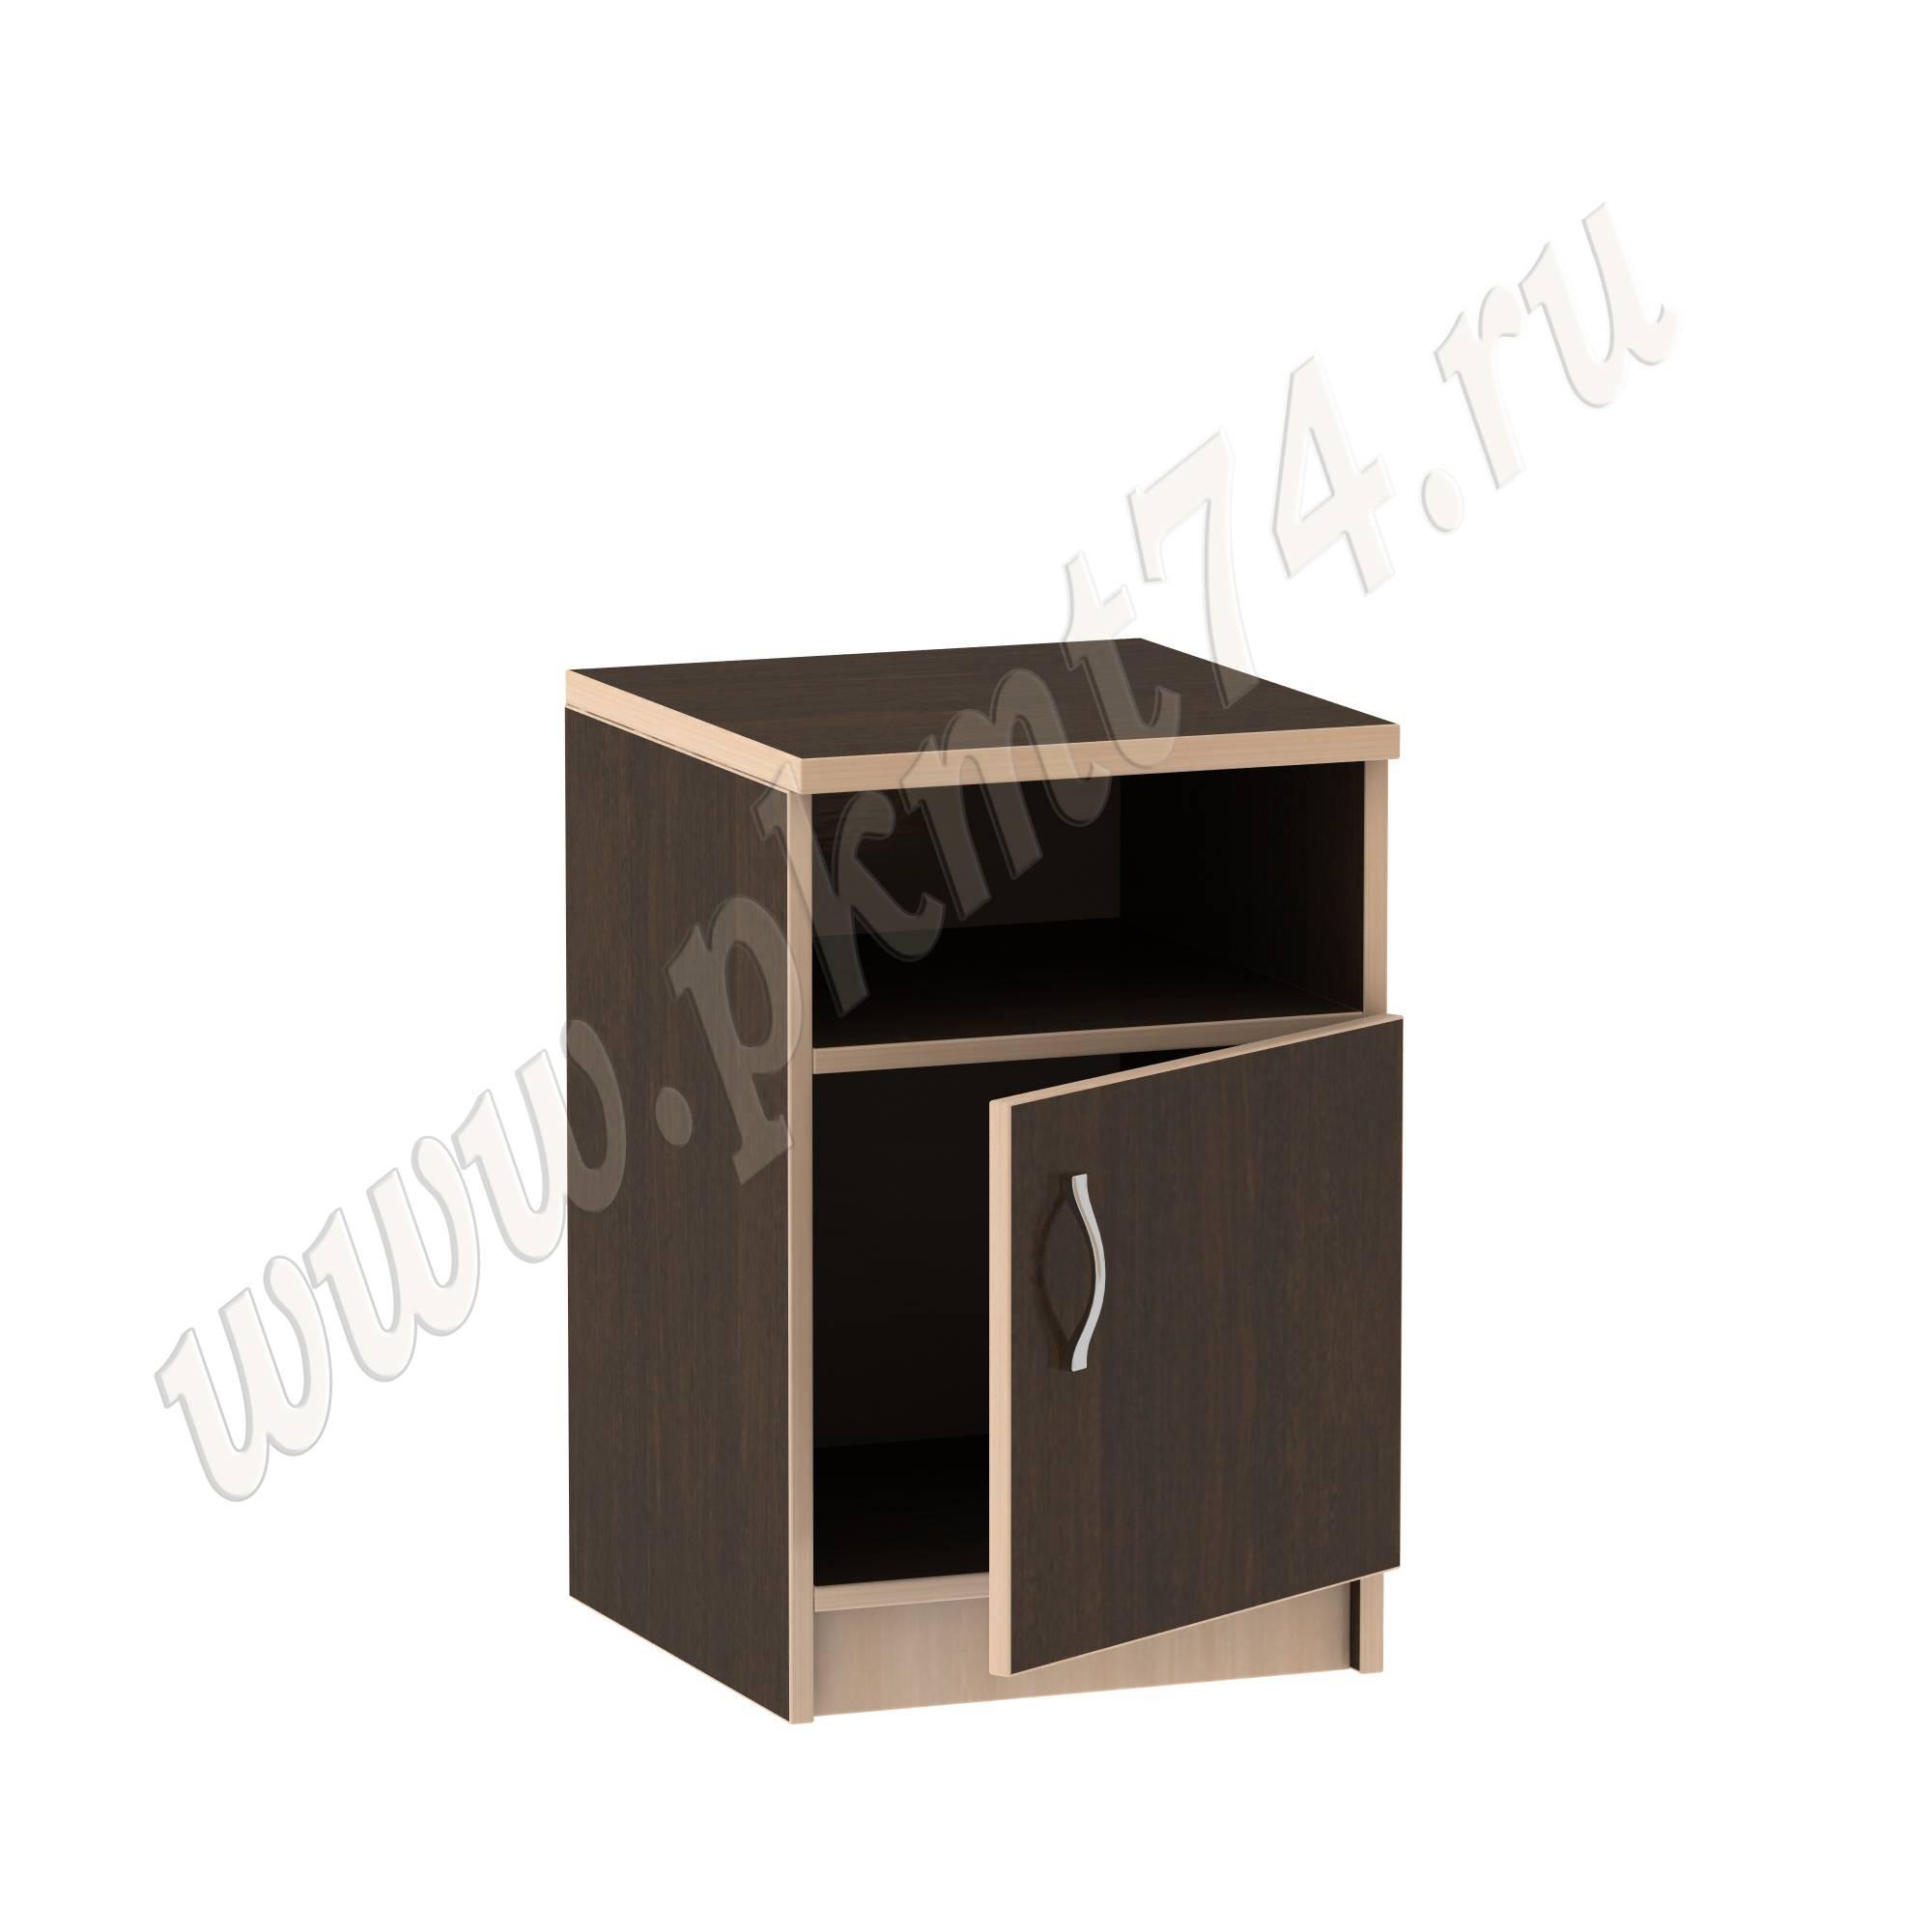 Тумба с нишей и дверкой для офиса [Стандартный цвет:: Орех; Цвета ЛДСП на выбор:: Венге-Молочный]